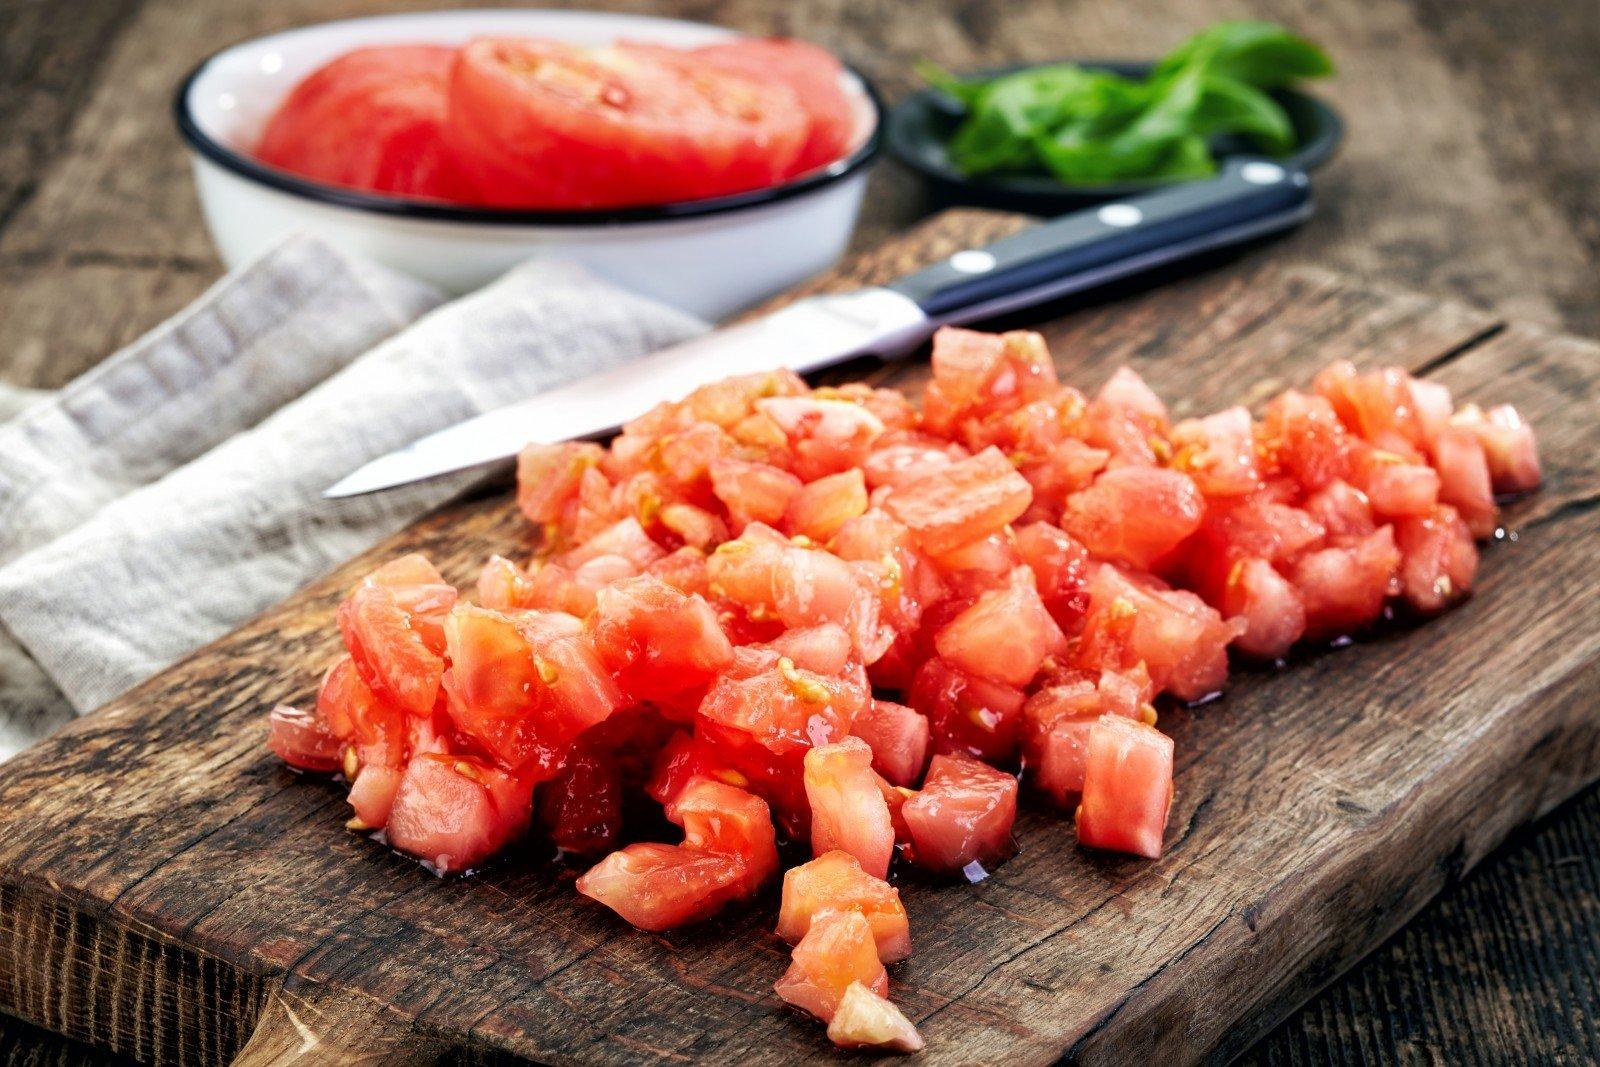 ar galima valgyti pomidorus su hipertenzija